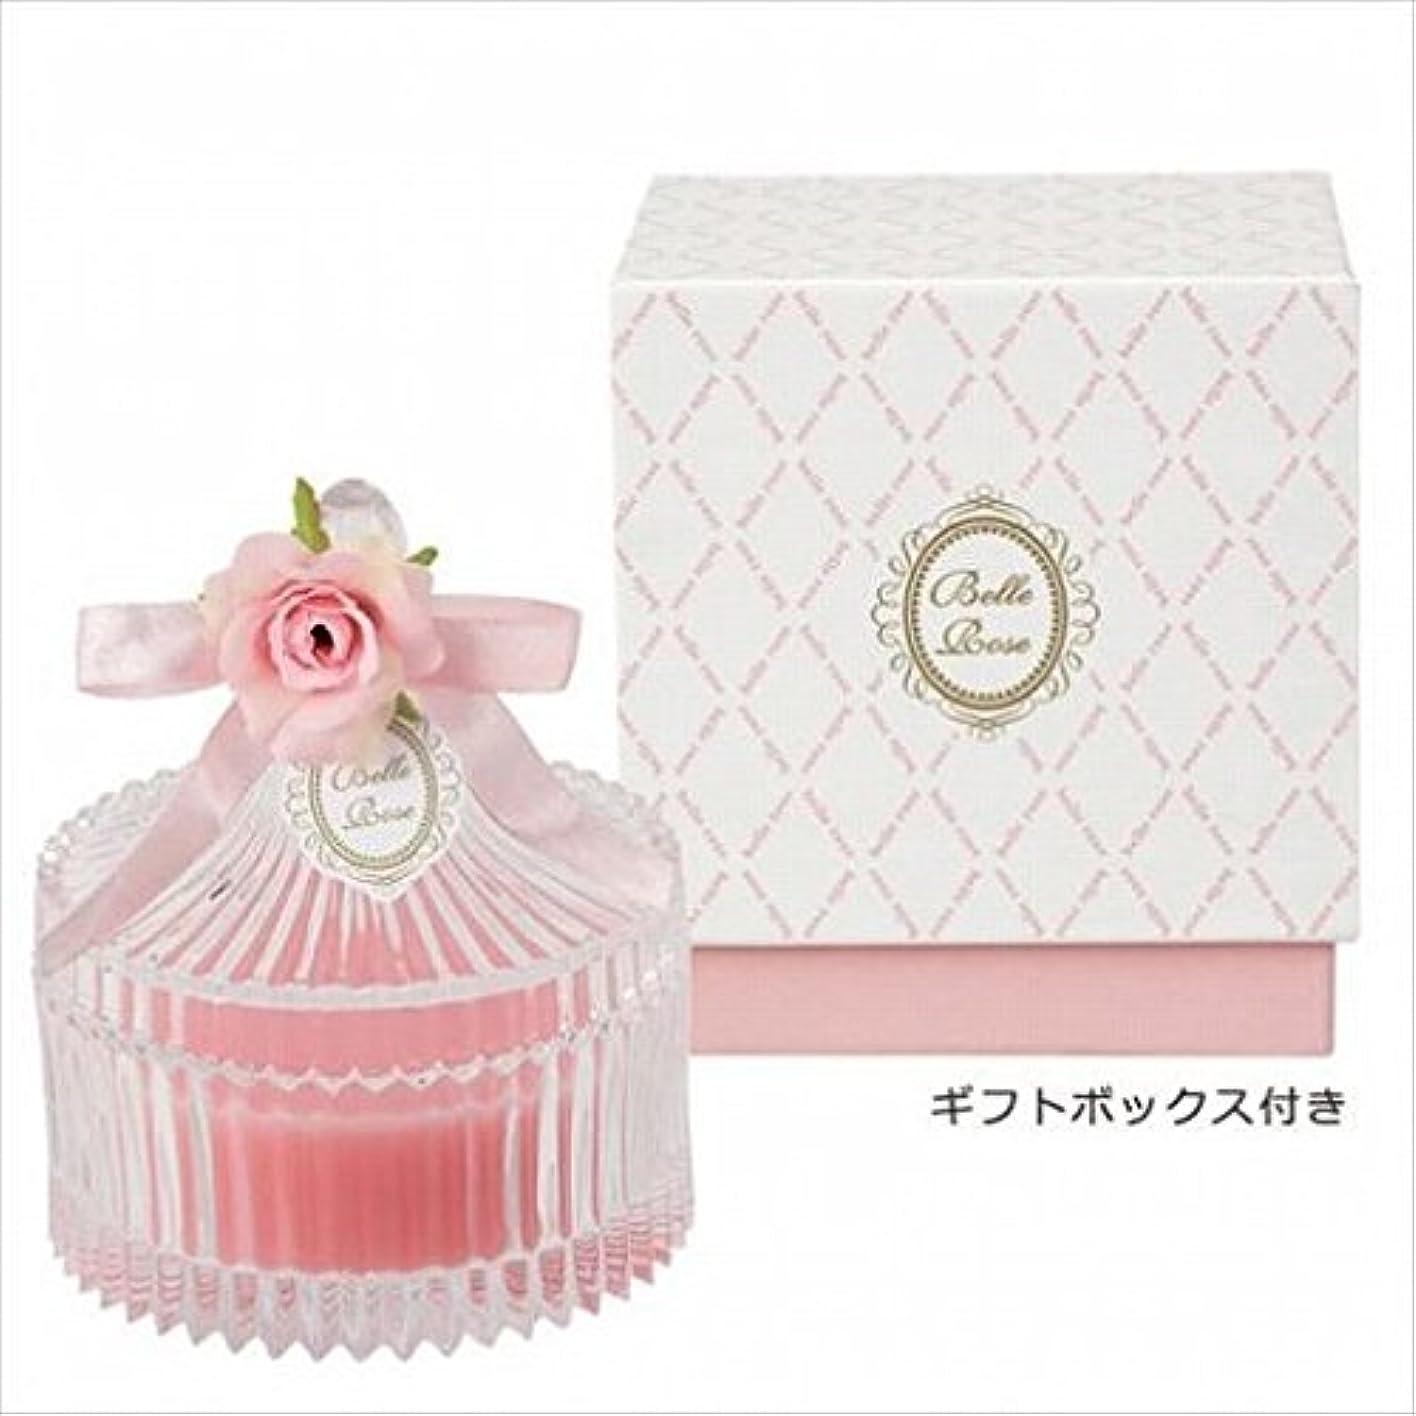 生理頻繁に定期的kameyama candle(カメヤマキャンドル) ベルローズキャニスター 「 ピンク 」 キャンドル(A5920500PK)